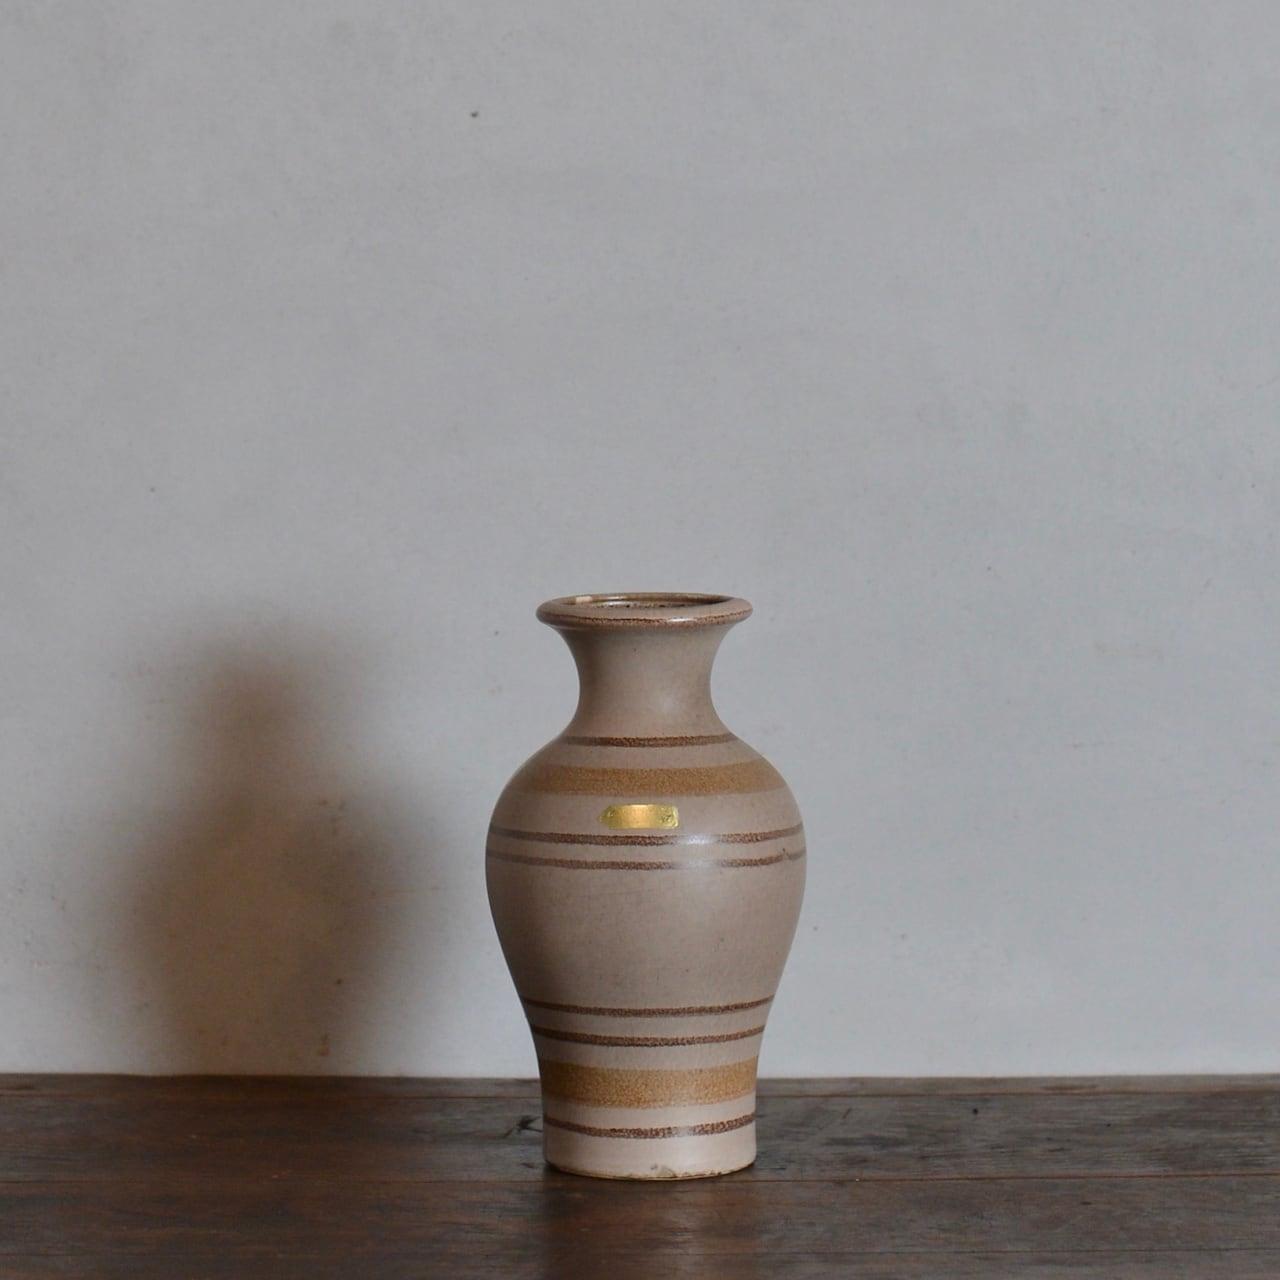 Flower Vase / フラワーベース 〈花瓶・花器・オブジェ〉SB2008-0012